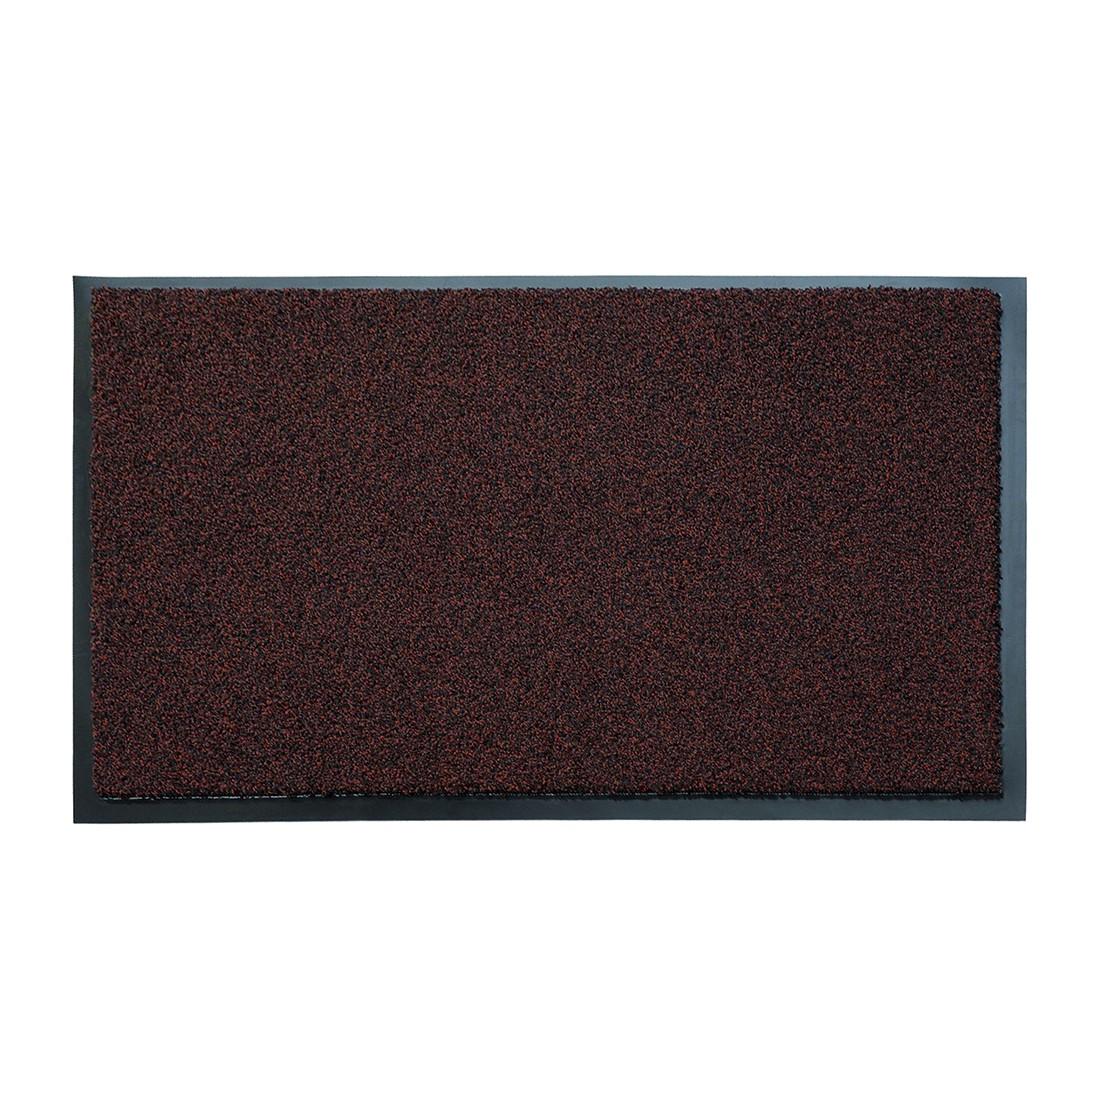 Fußmatte Calcite - Terra - 90 x 150 cm, Astra